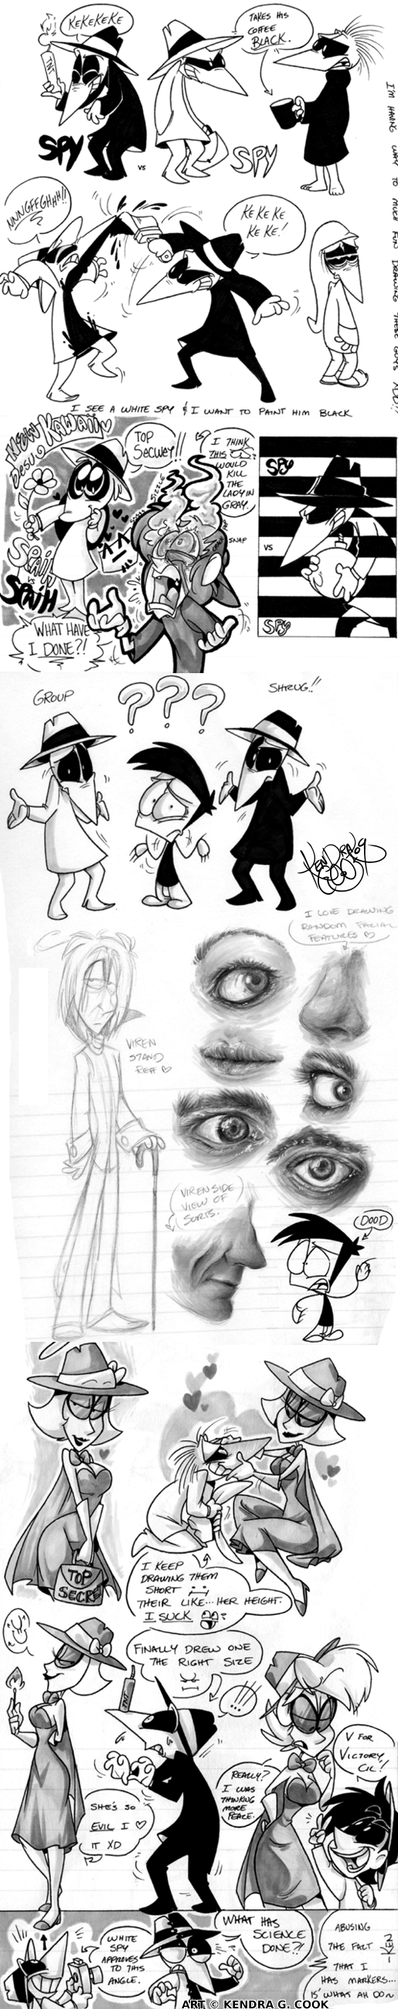 Spy vs Spy + other doodles by cloudbabykc